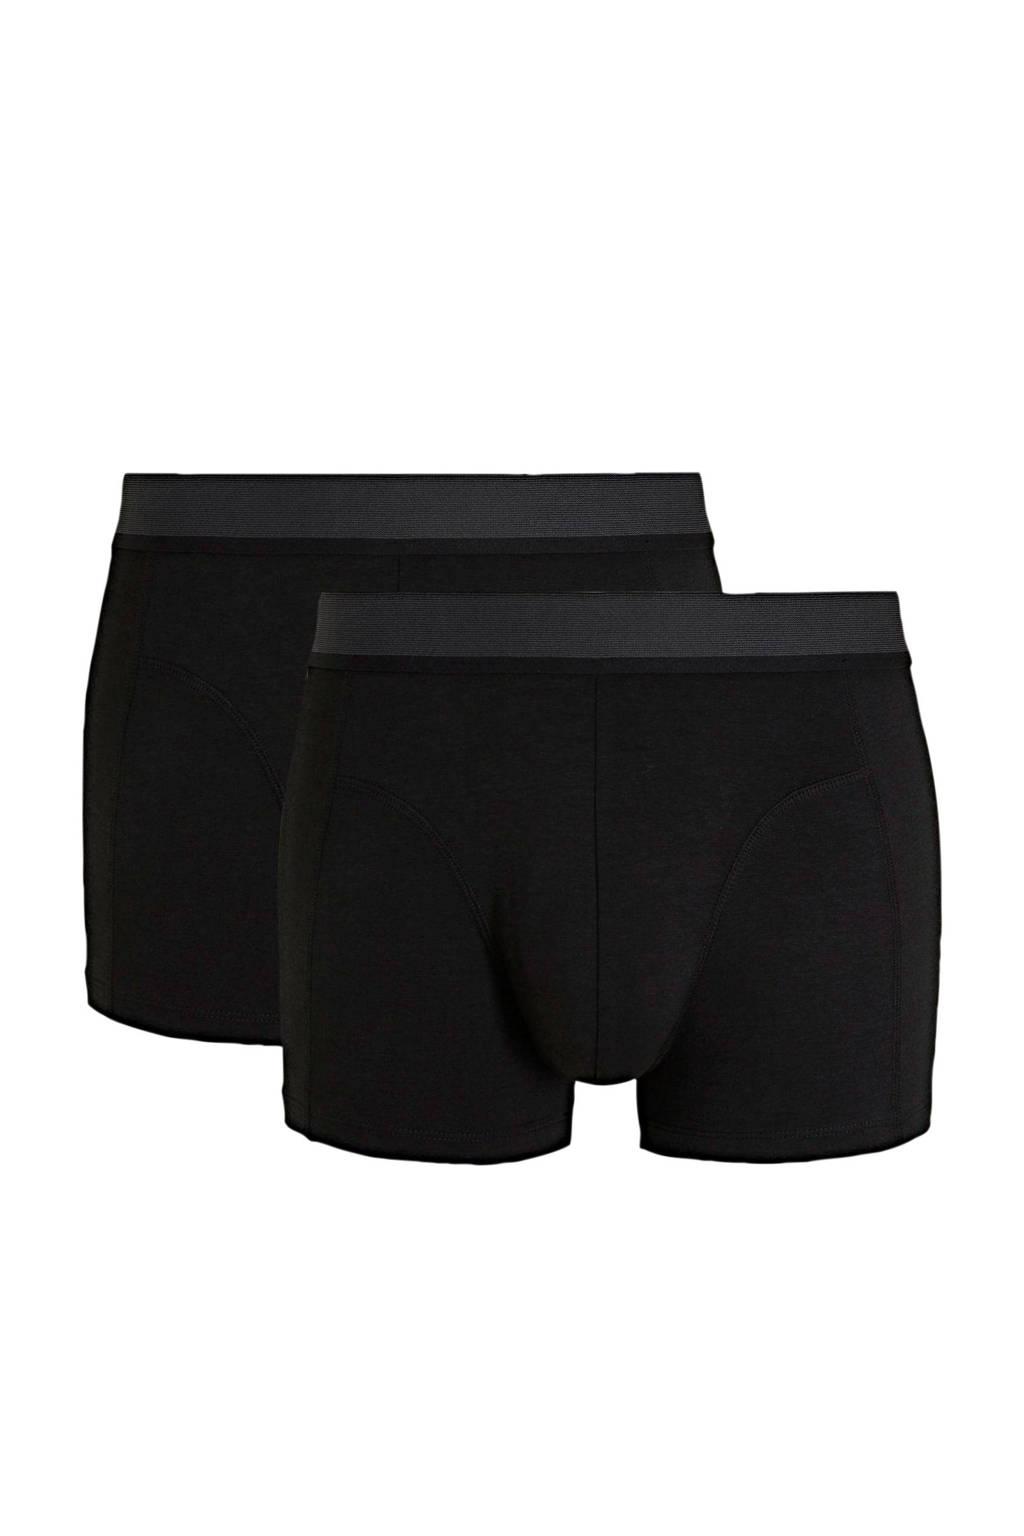 HEMA boxershort met bamboe (set van 2) zwart, Zwart